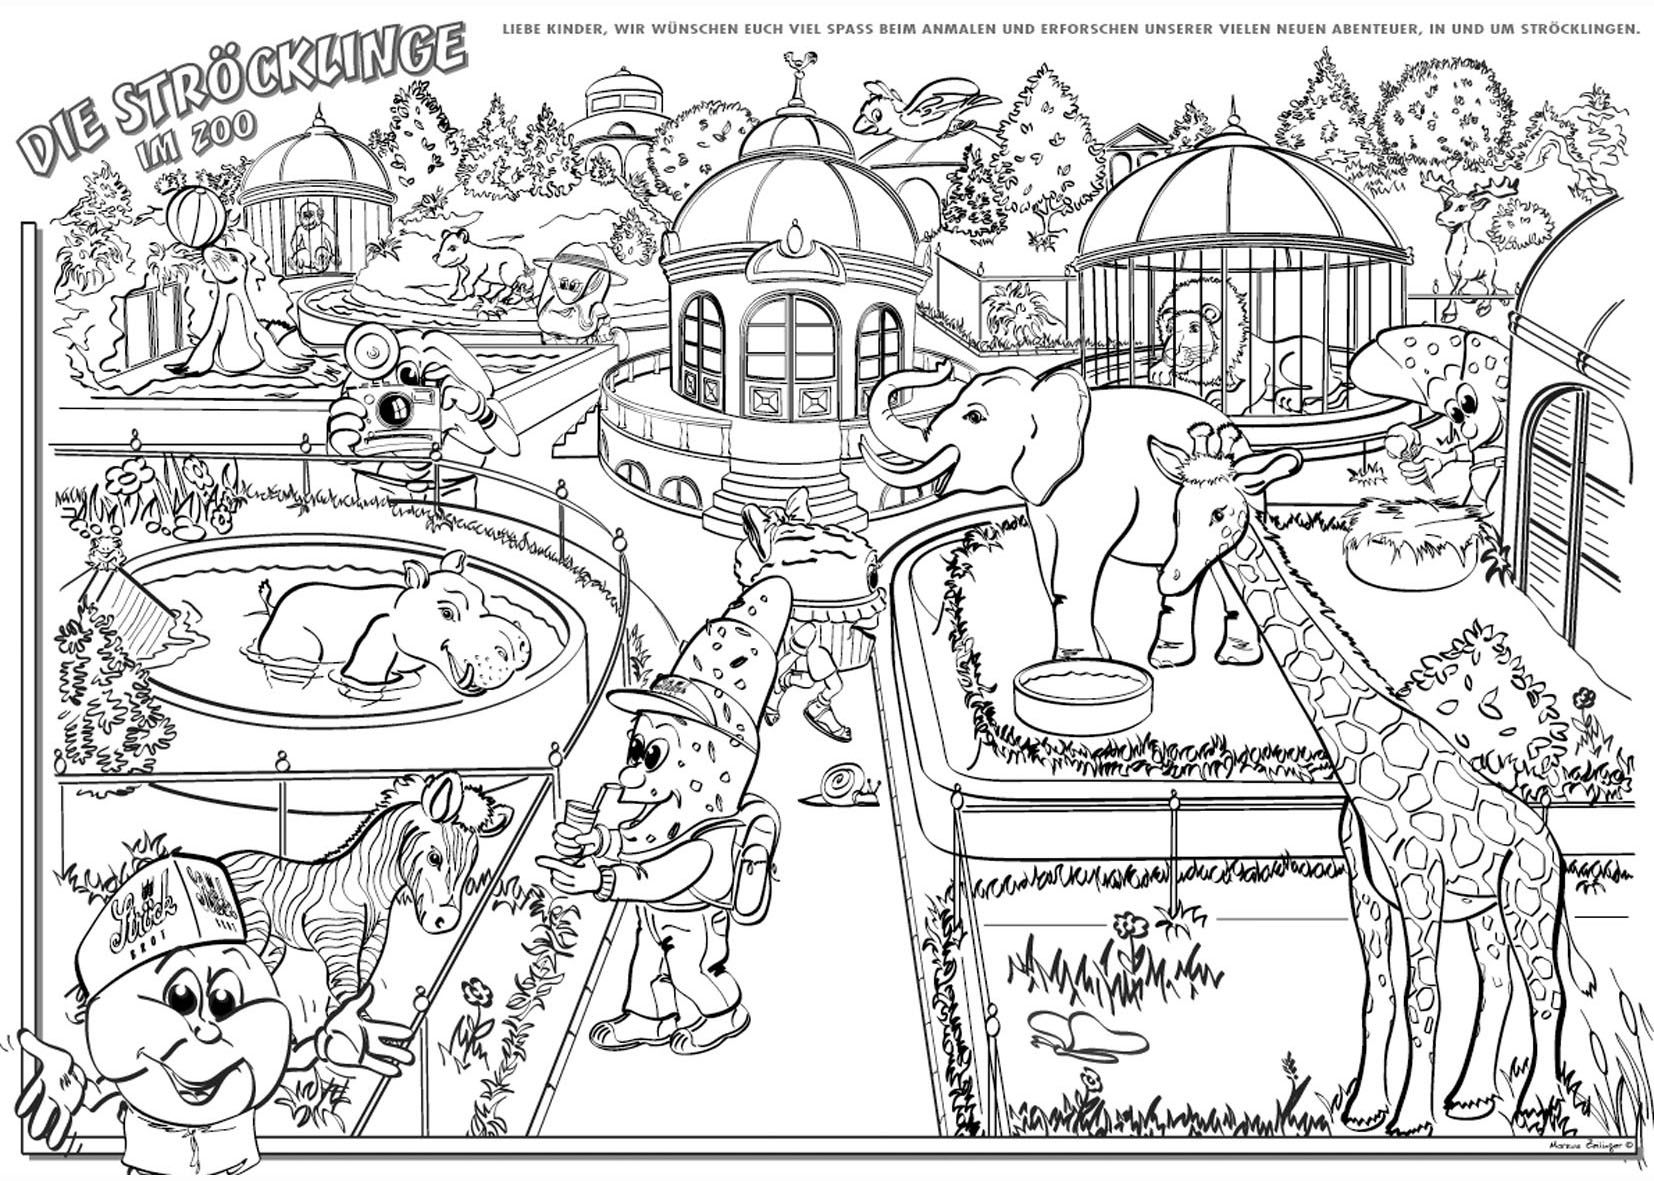 Zoo.jpg (6×6)  Malvorlagen, Ausmalbilder, Ausmalbilder tiere